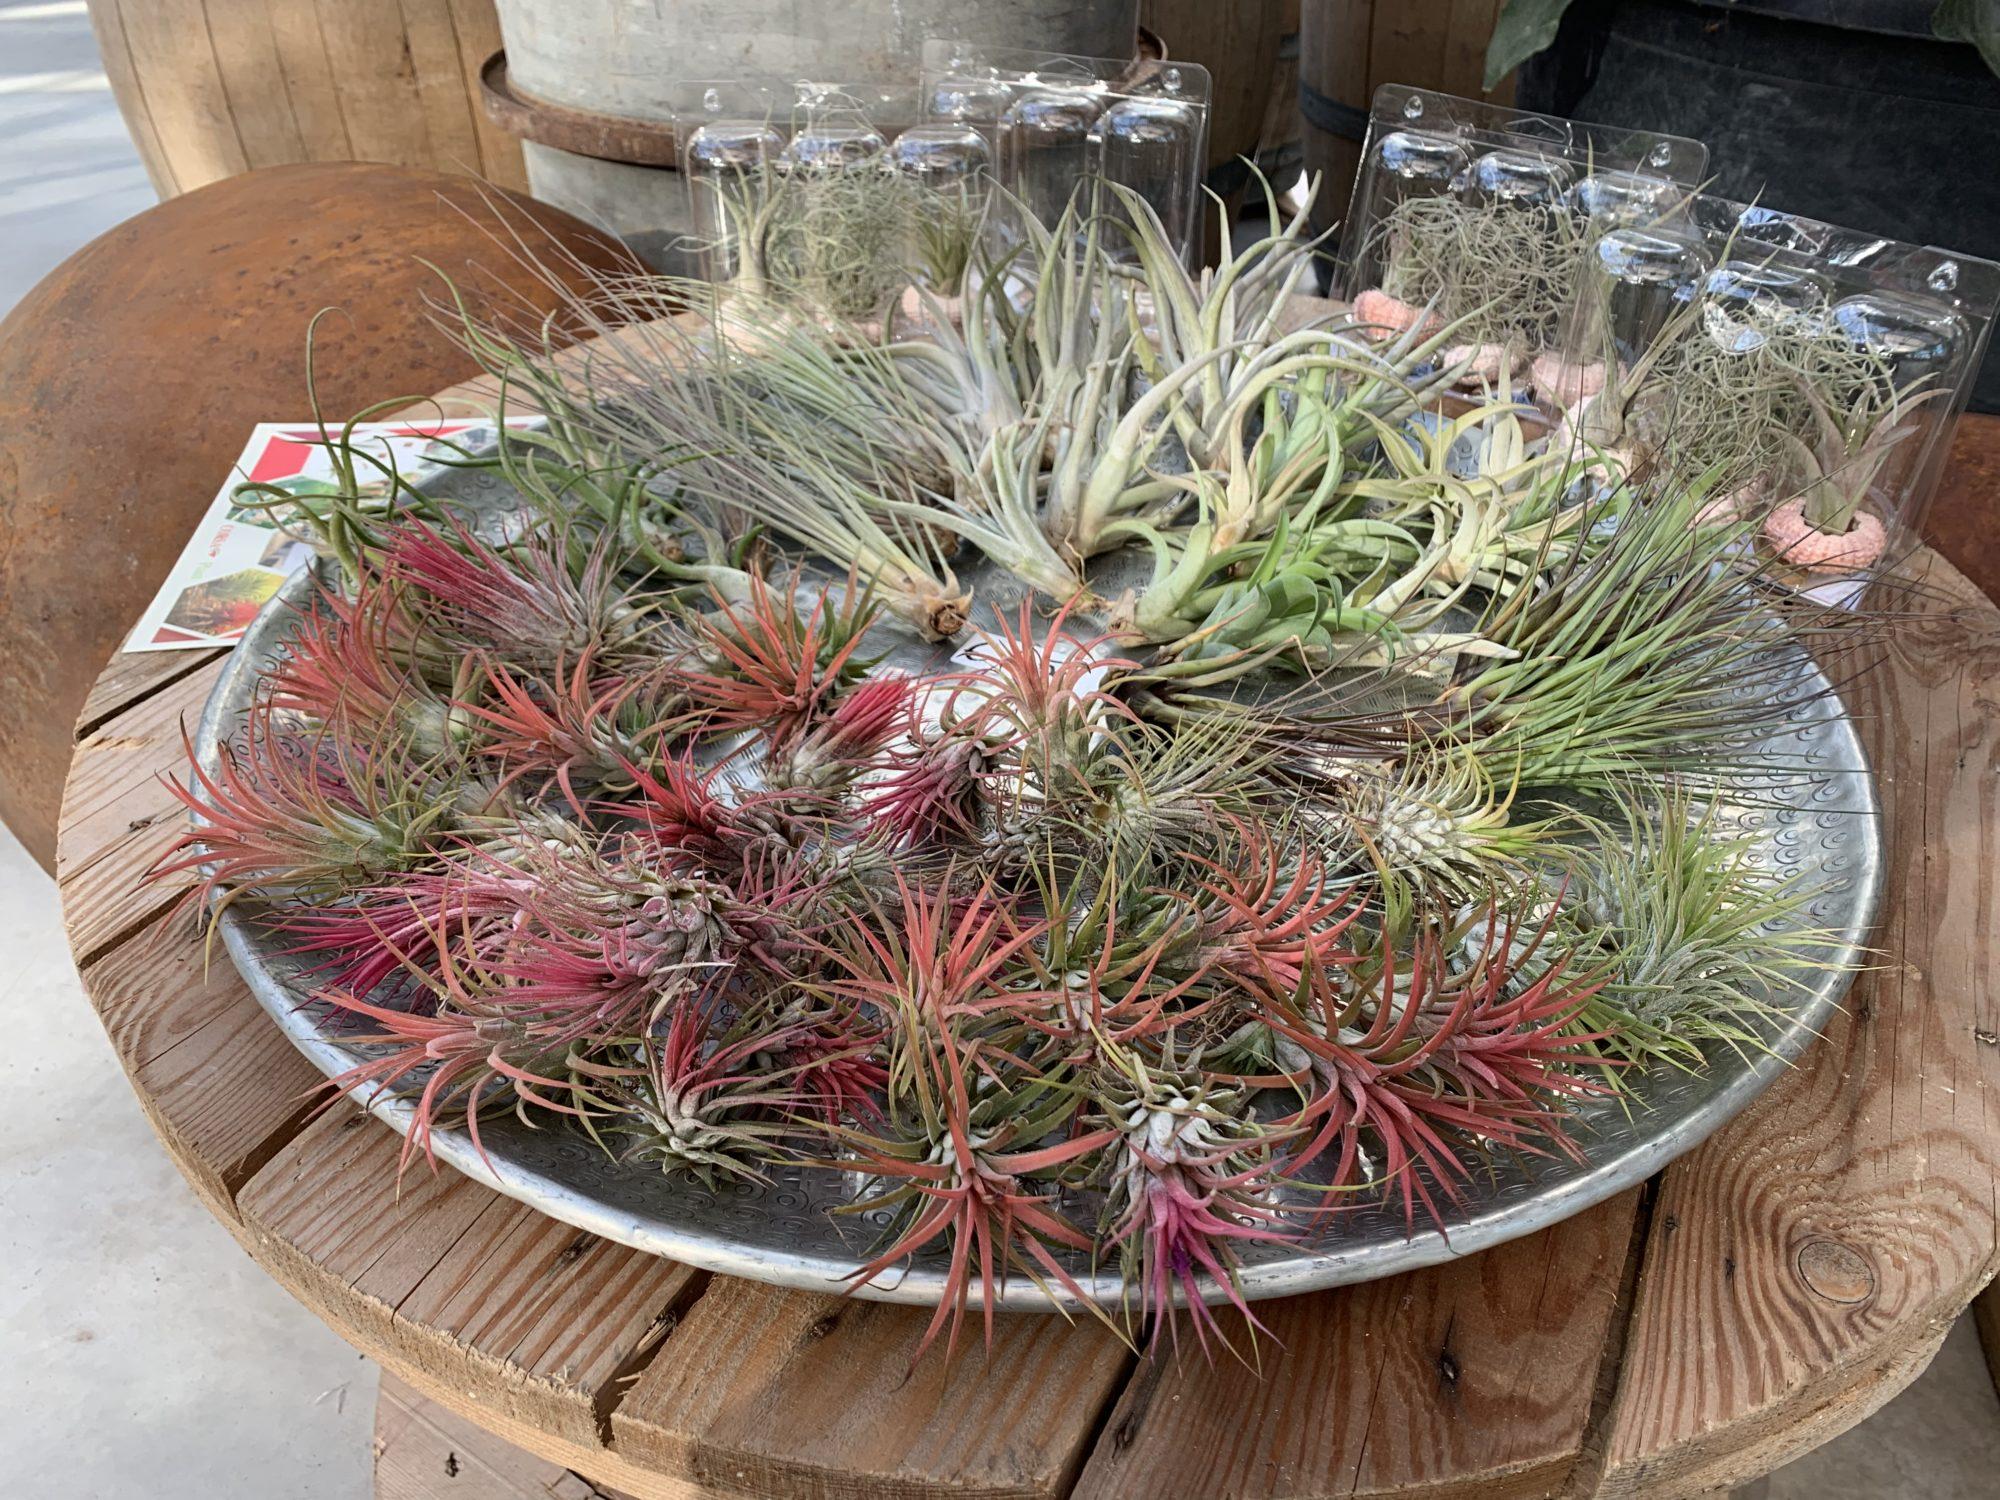 Terriccio Non Assorbe Acqua tillandsia: la pianta che vive senza terriccio - nadalini flor